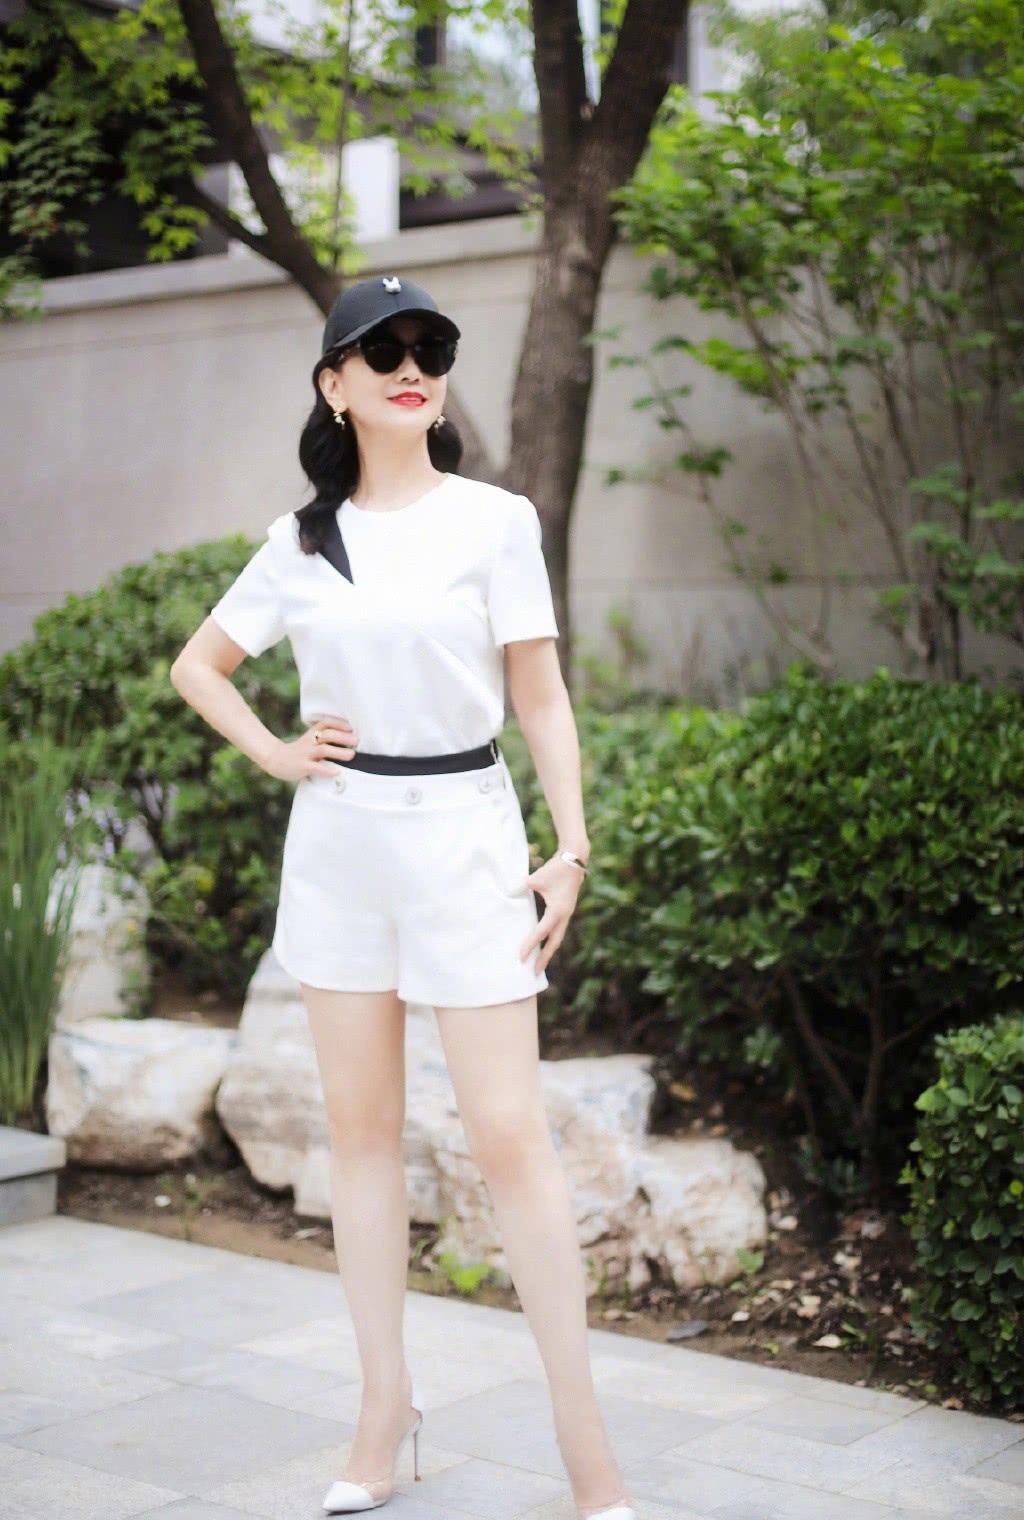 你能说这样的赵雅芝65岁吗?白T配短裤,比18岁少女还有活力